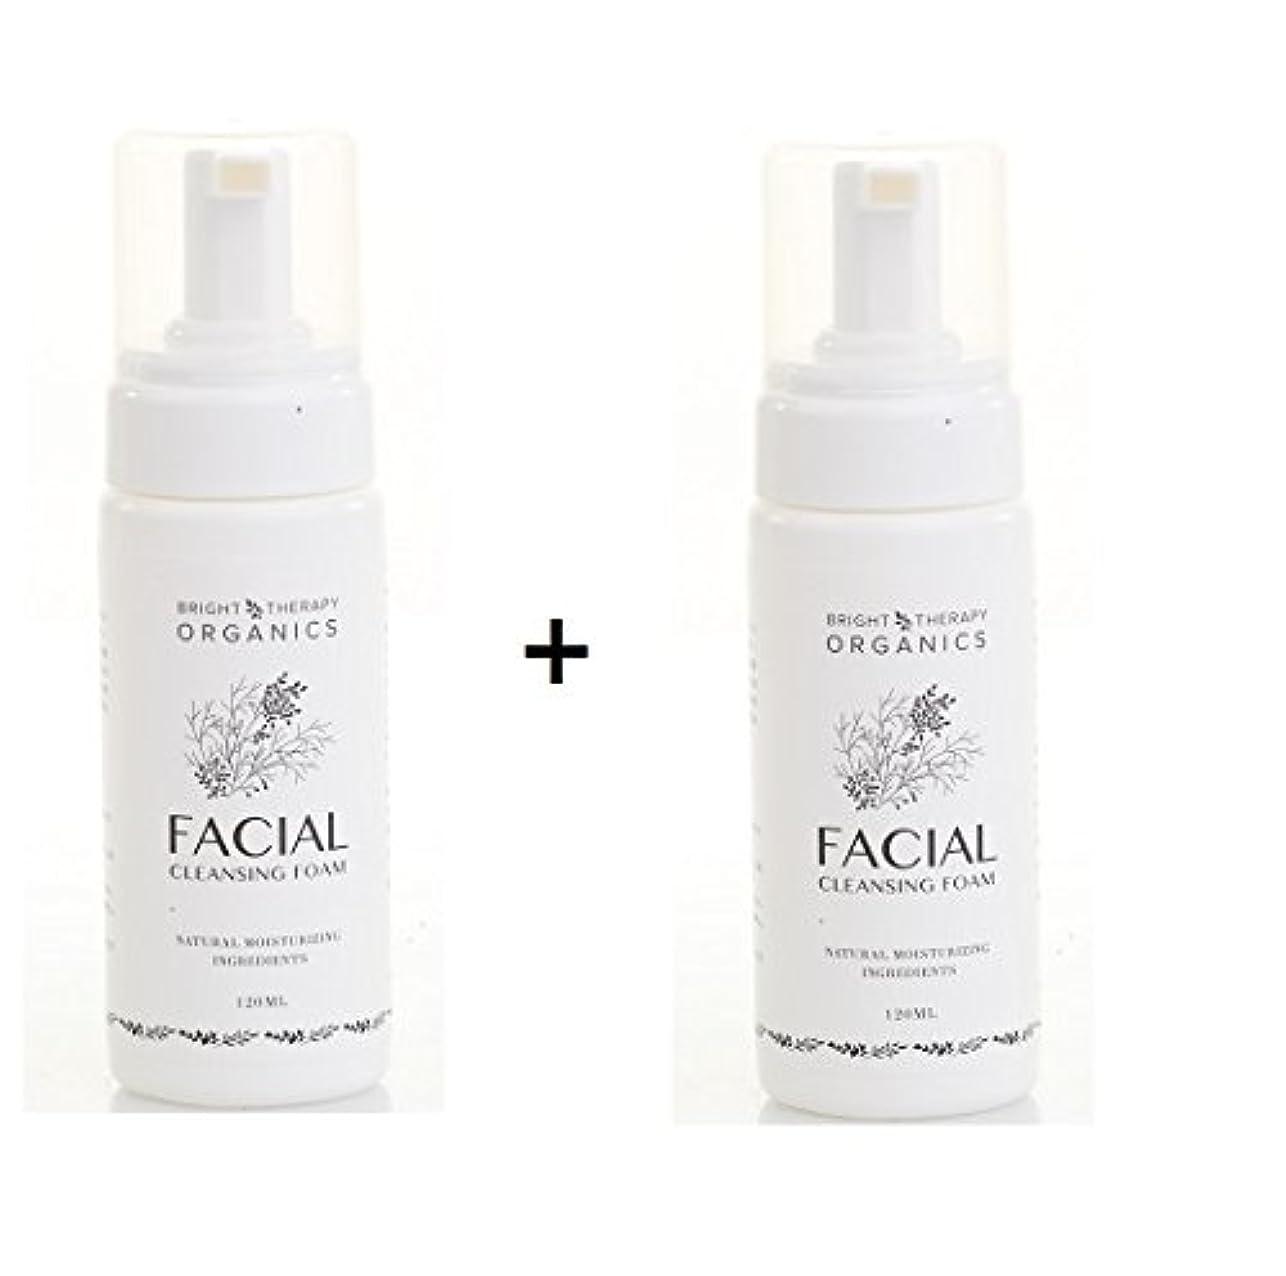 赤外線特異な化学薬品Brighttherapy(ブライトセラピー)オーガニック洗顔フォーム 2本セット